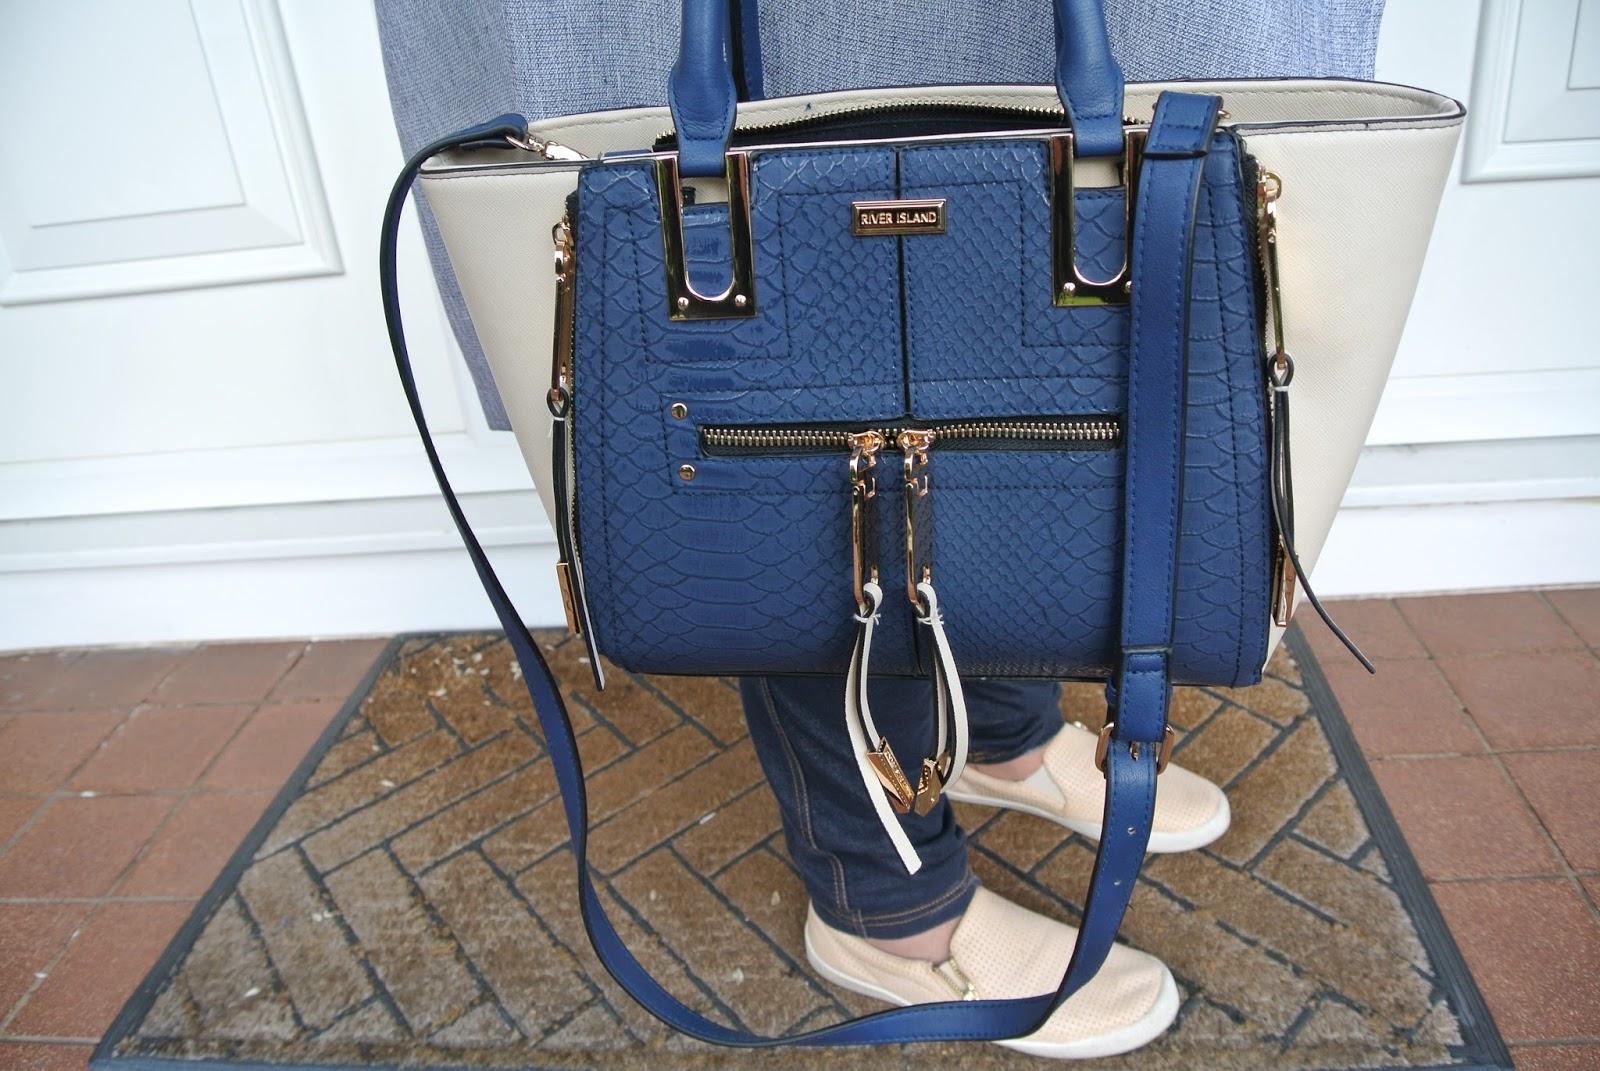 River Island Plus Size Clothing affordable designer inspired bag